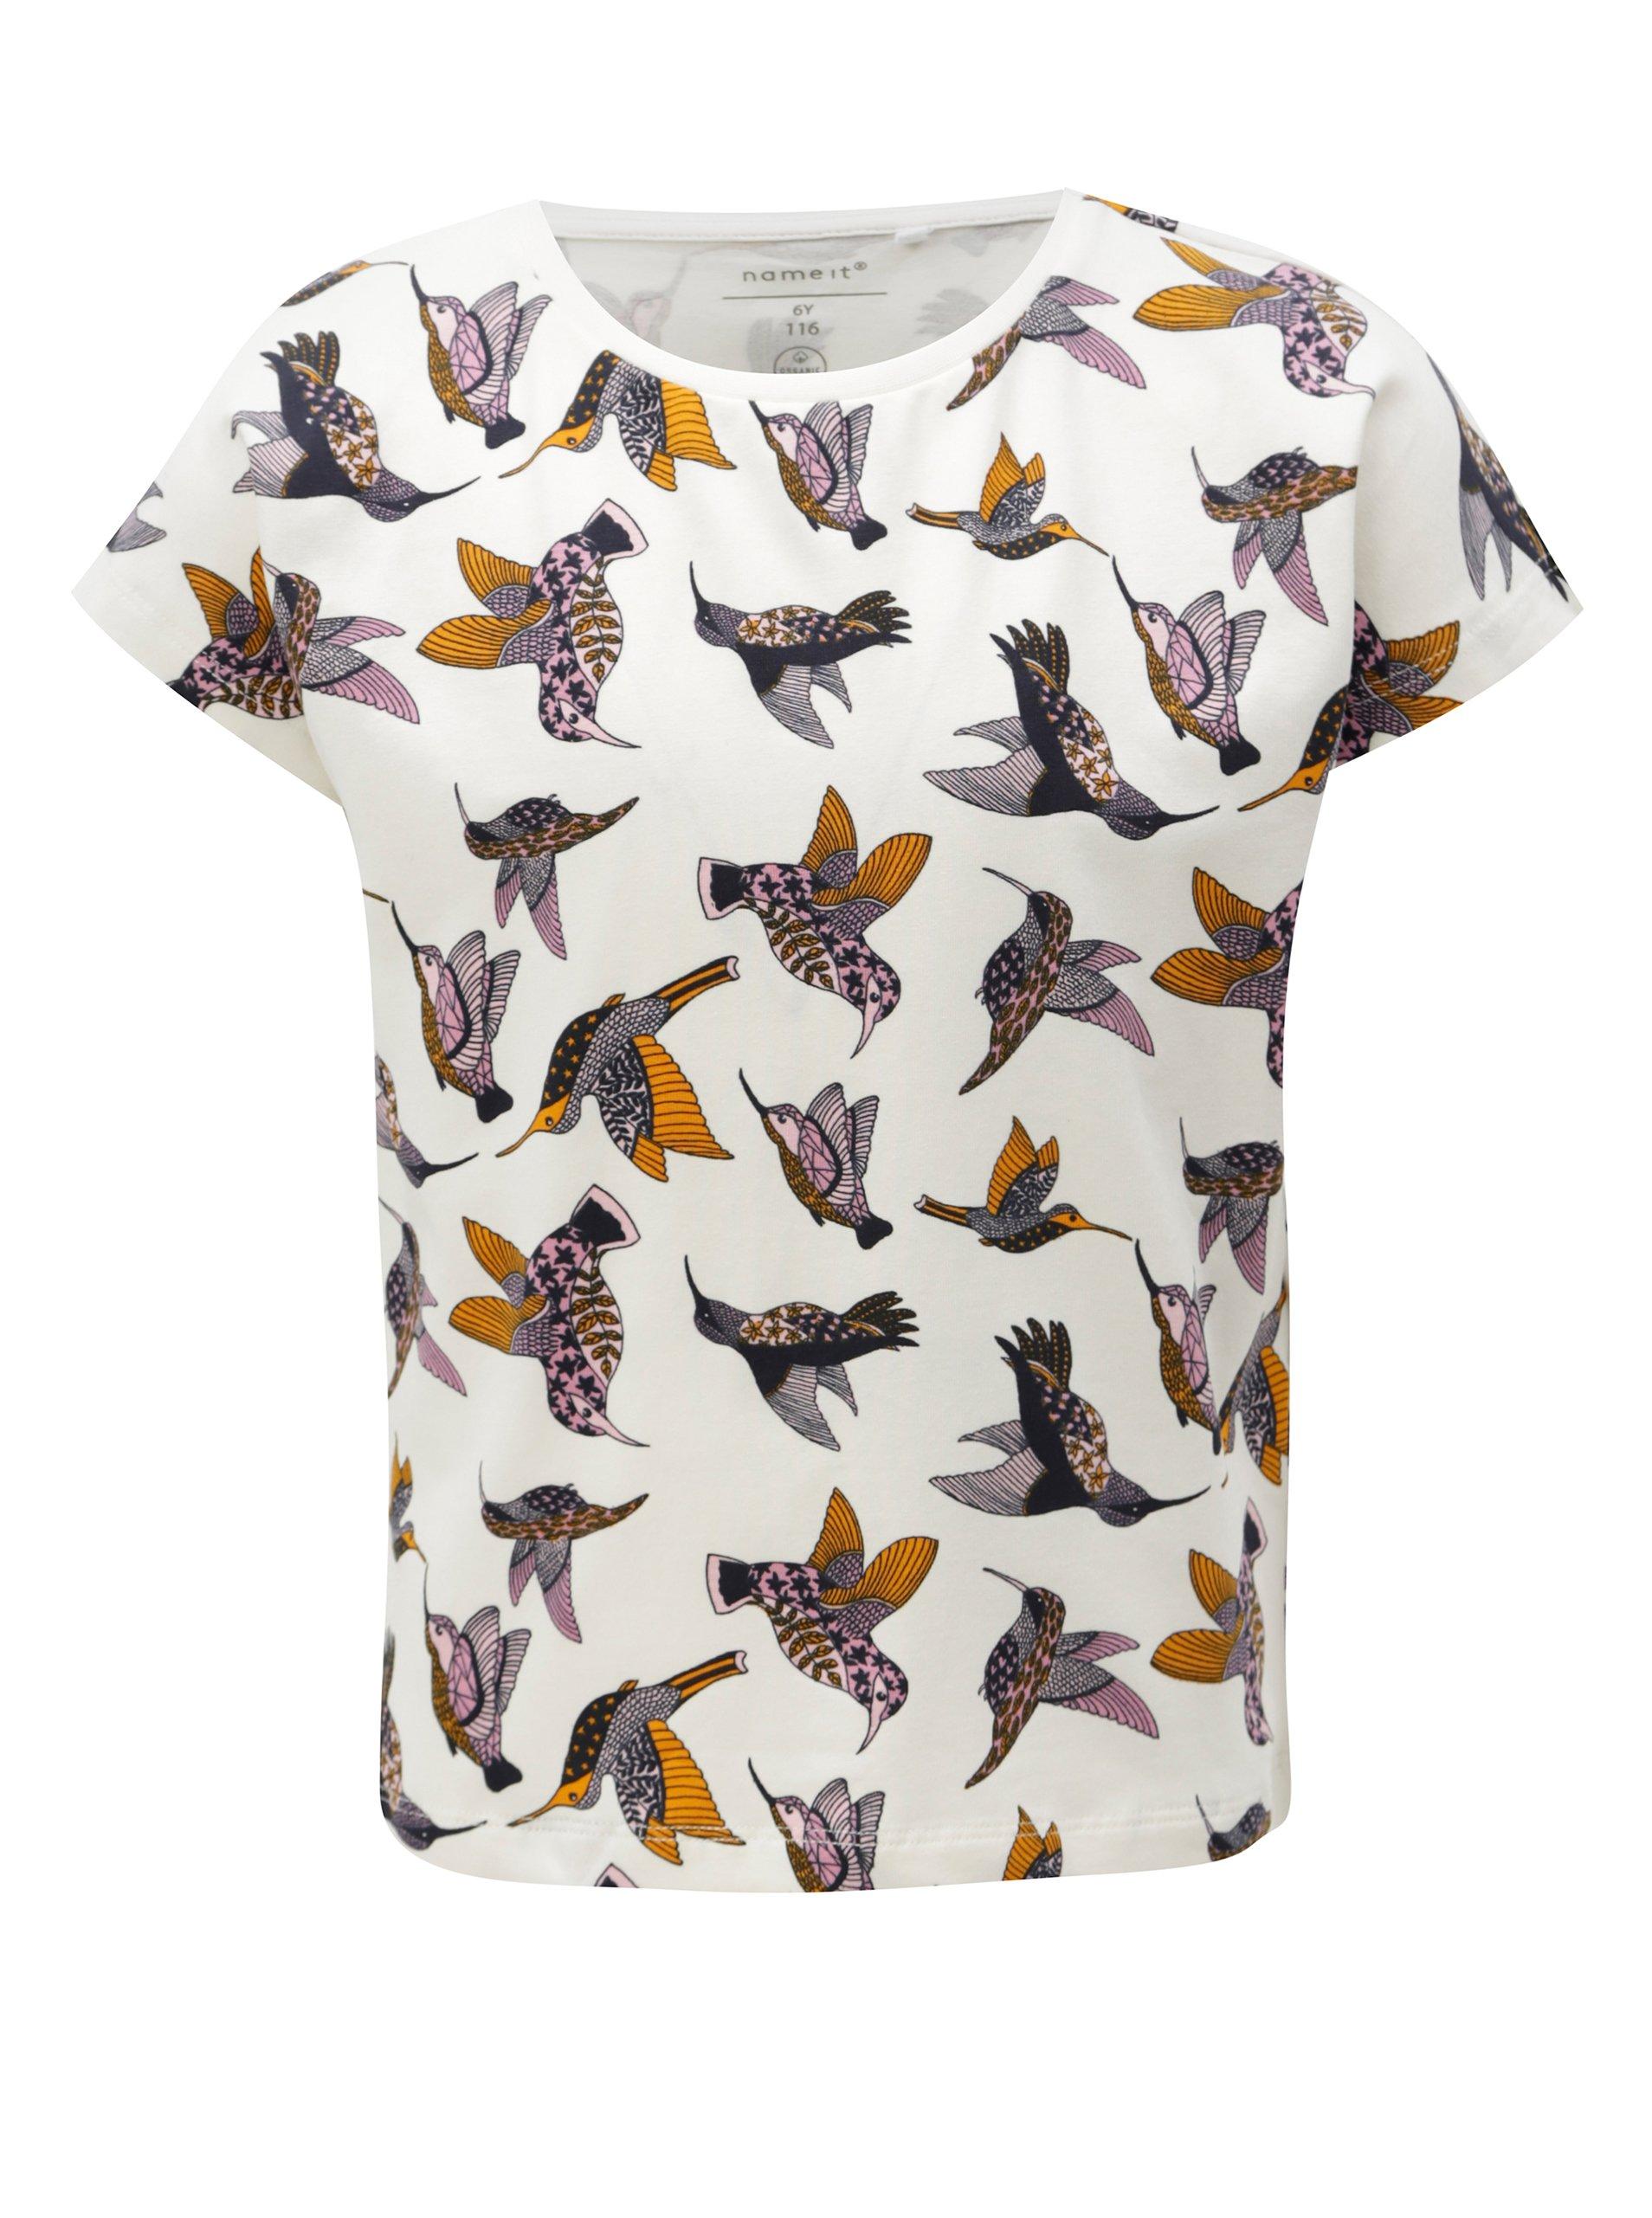 06b8da171897 Biele dievčenské tričko s potlačou vtákov name it Vilske